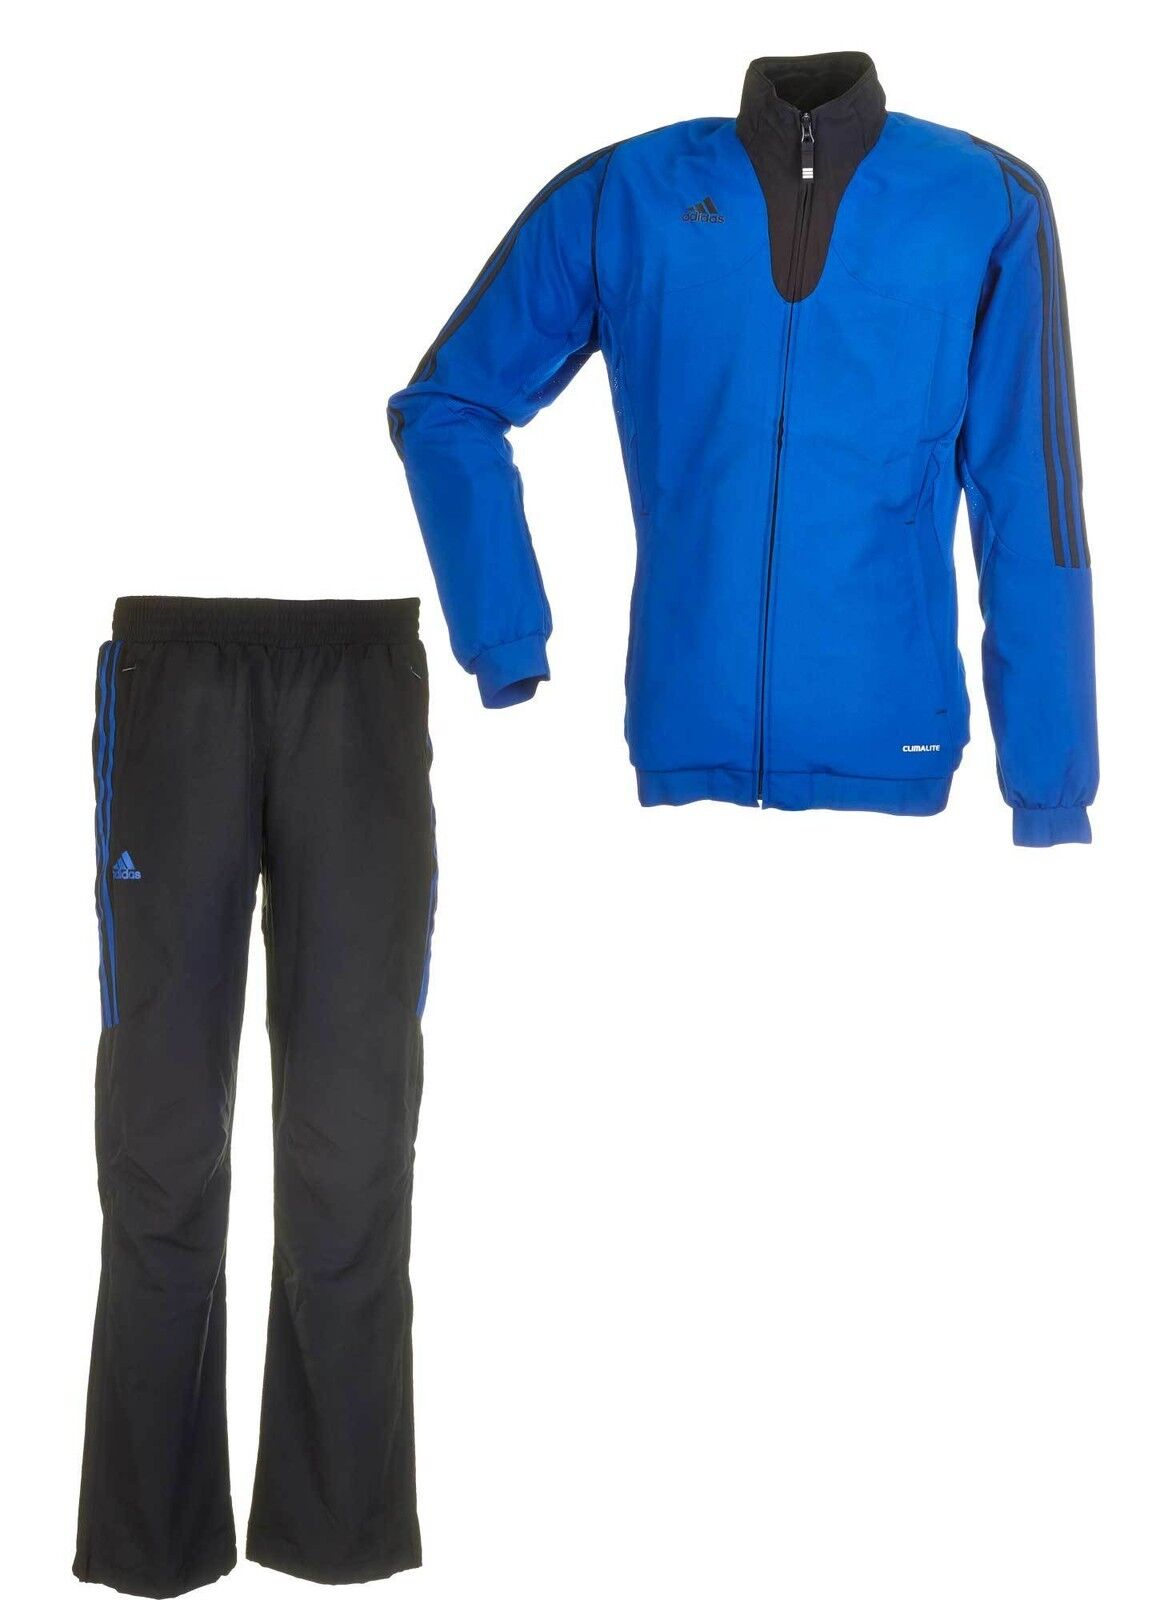 Adidas t12 chándal para caballeros, talla s,  Team Ware-traje, negro azul  solo para ti